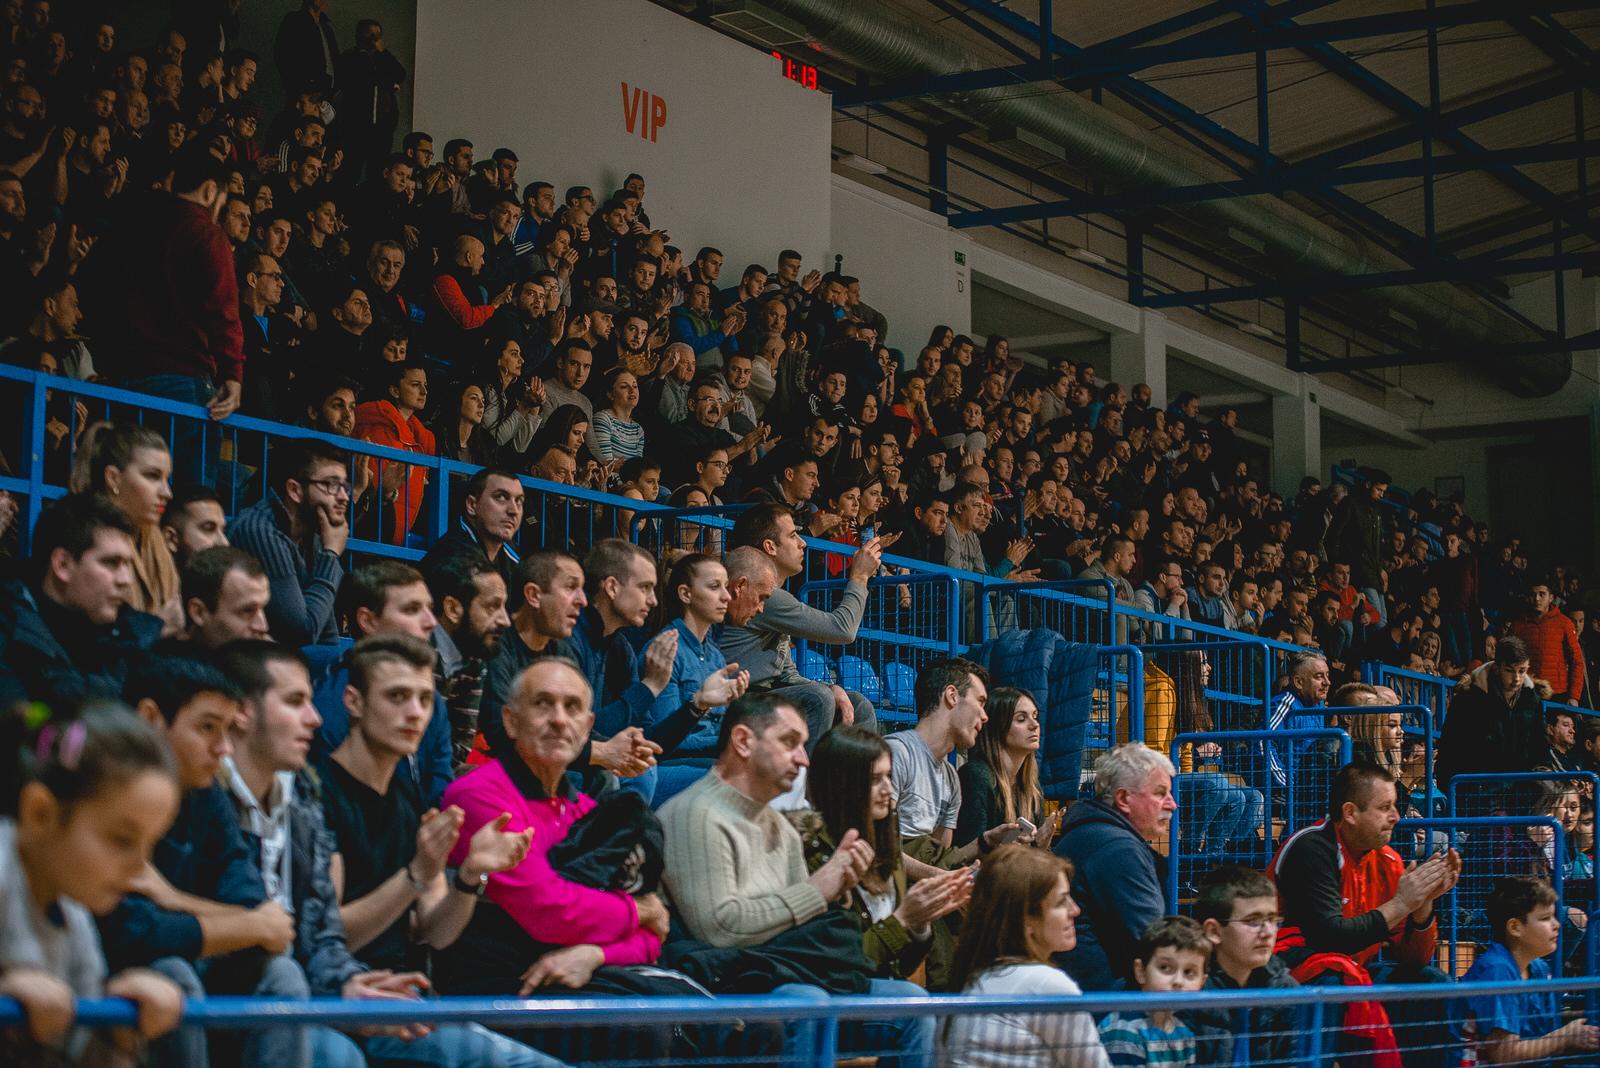 likaclub_gospić_zimski-malonogometni-turnir-2018-19-73